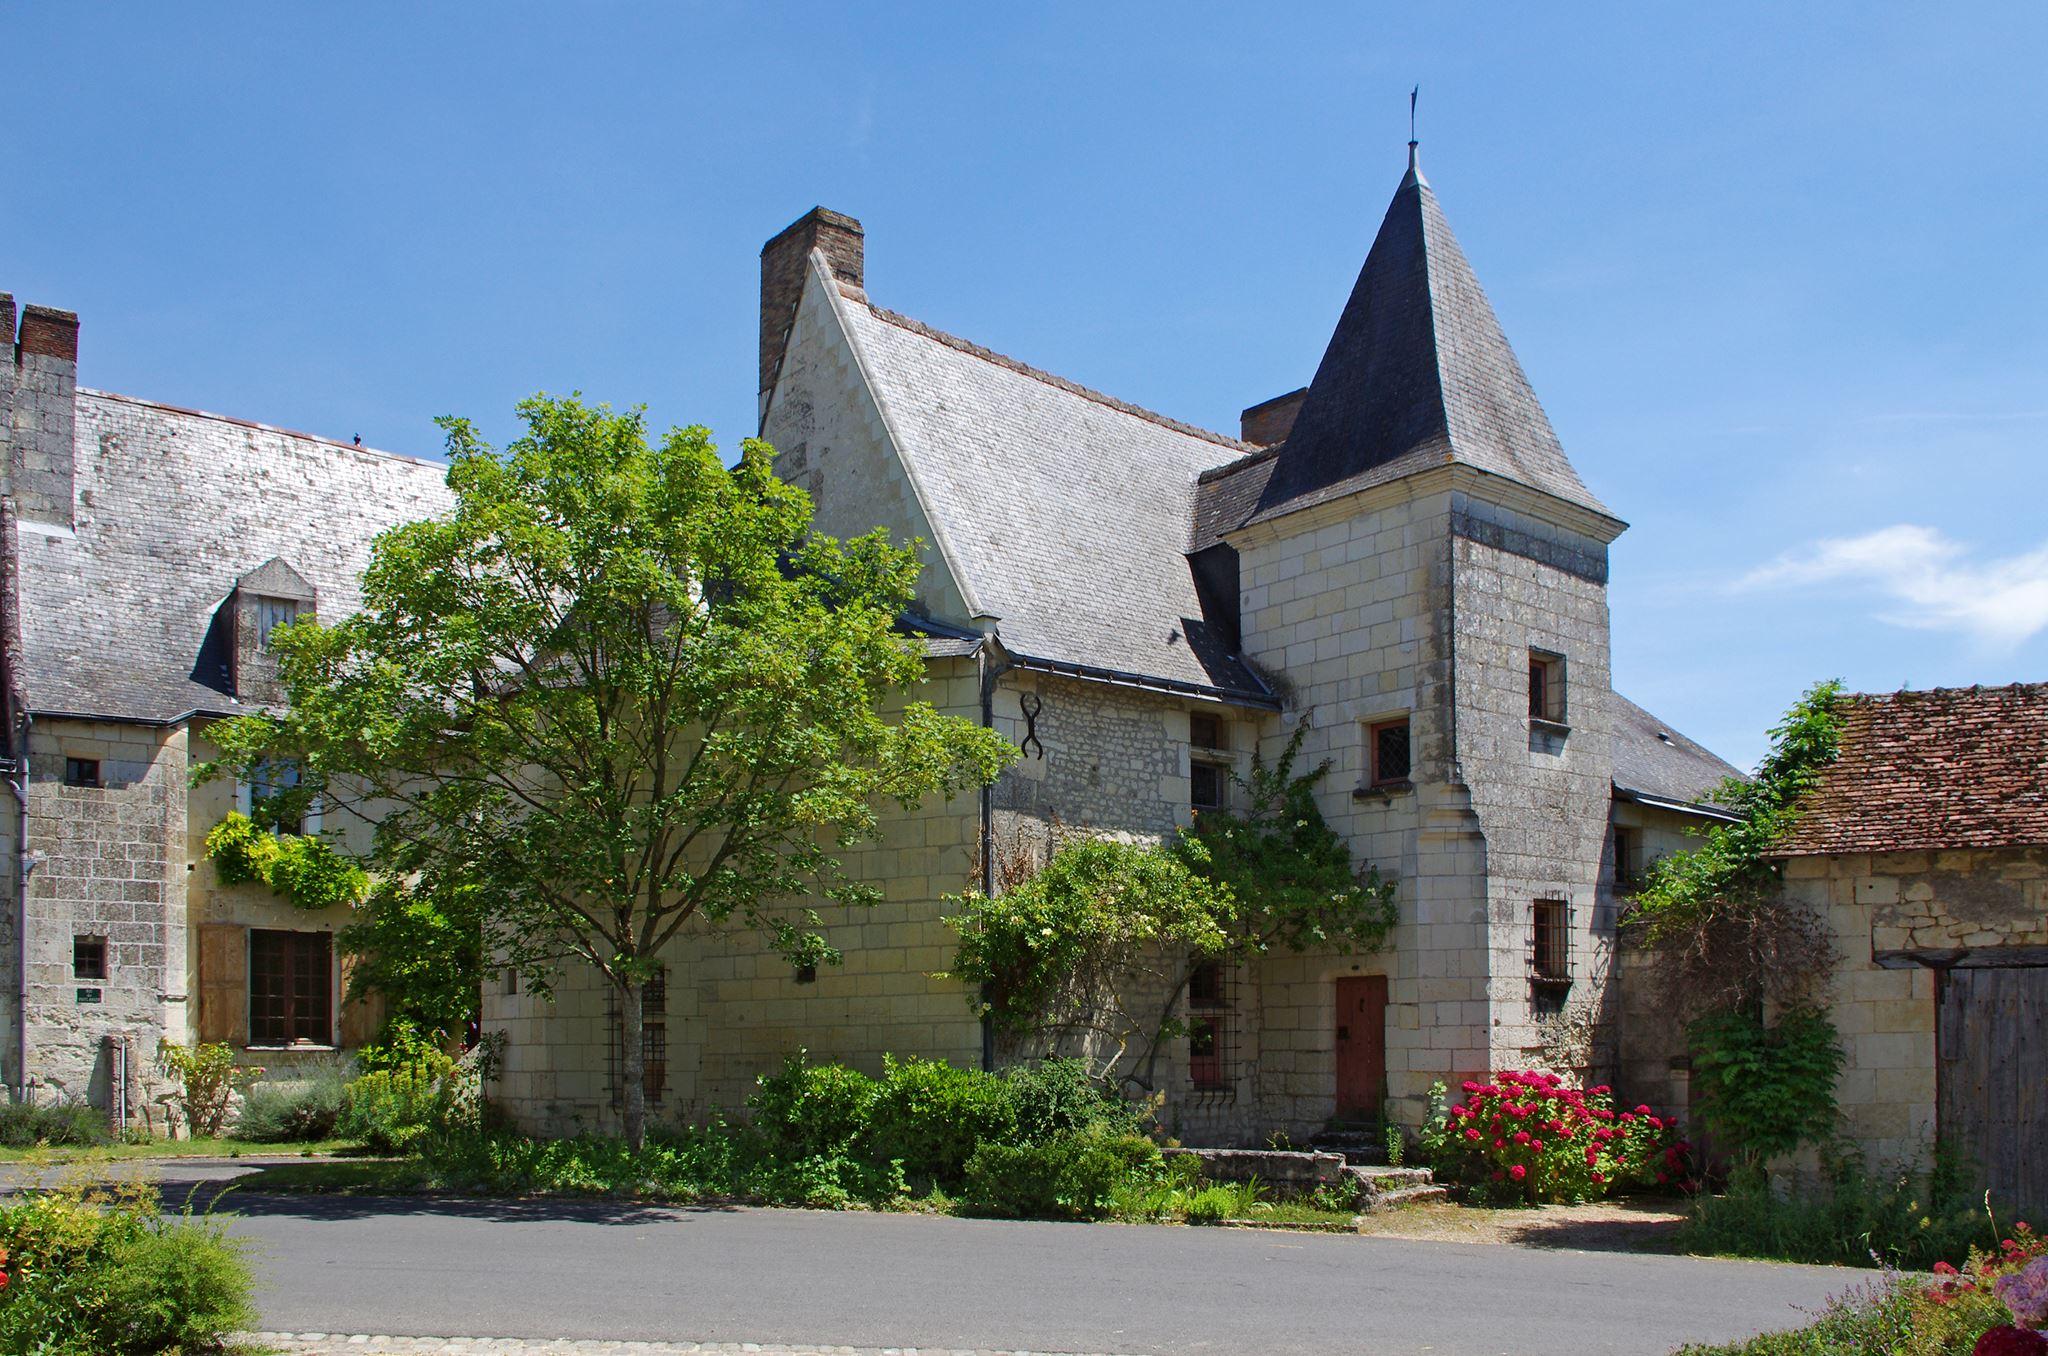 Crissay-sur-Manse, Touraine (© Daniel Jolivet)